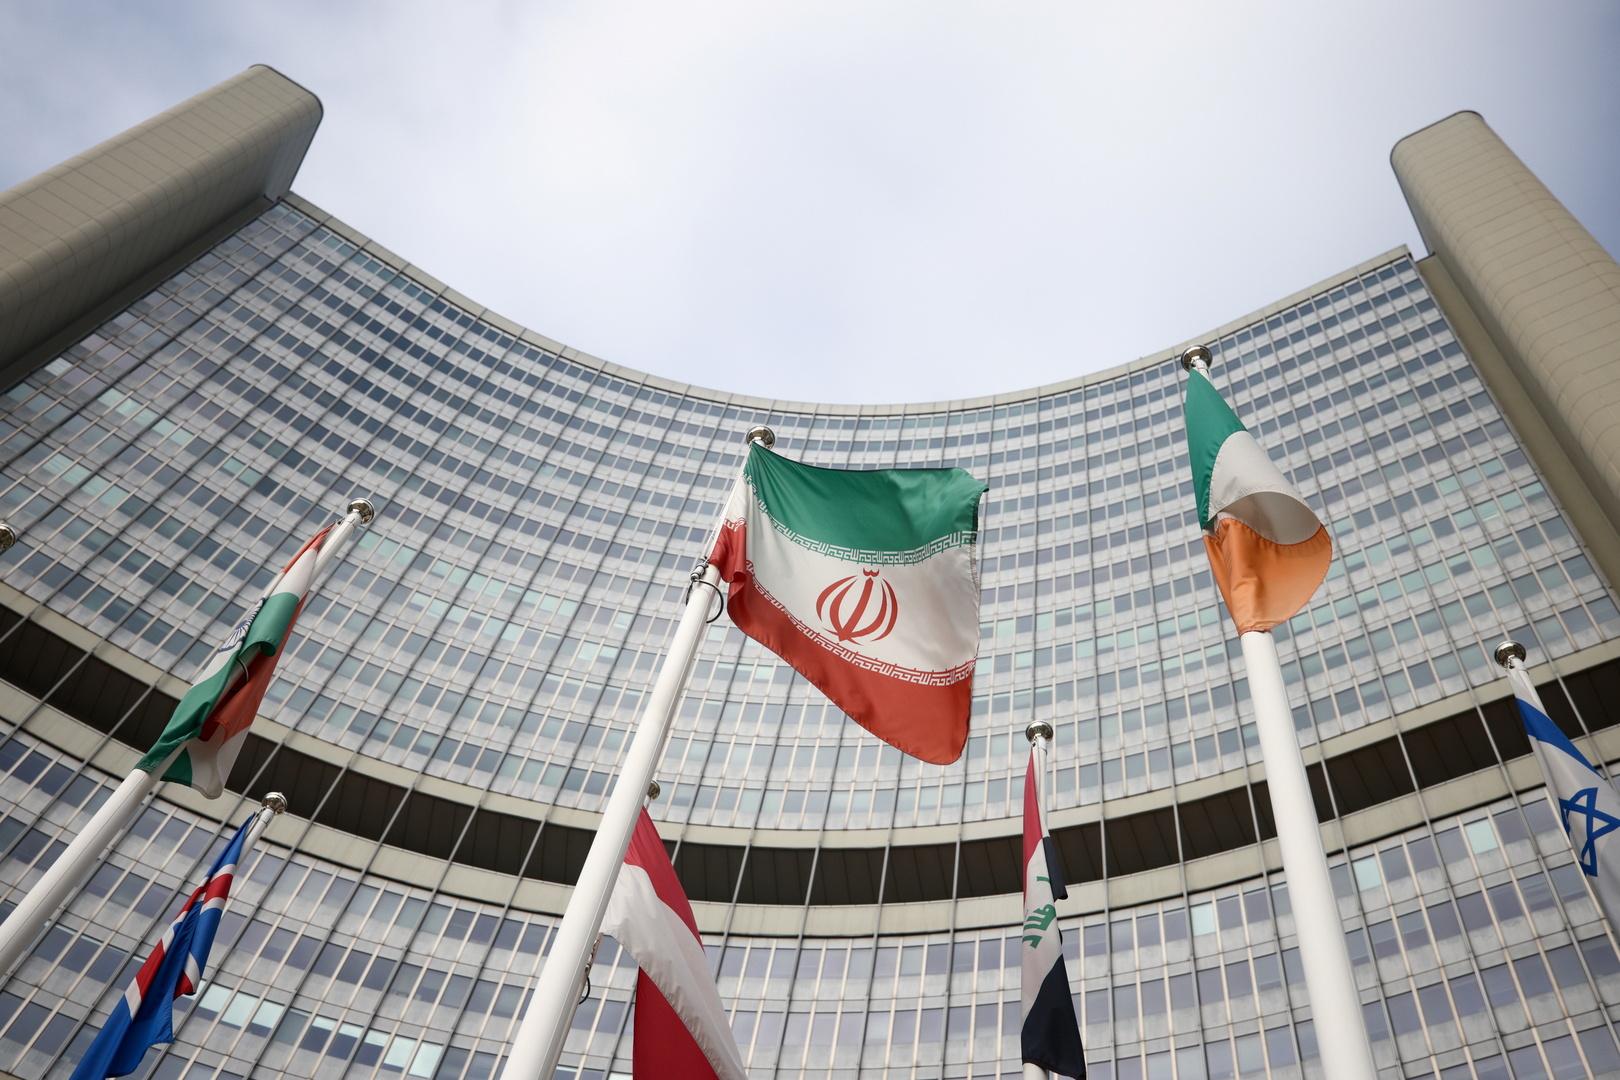 اجتماع روسي-أمريكي بشأن نووي إيران وموسكو تعلن الدخول في مرحلة صياغة مشاريع القرارات